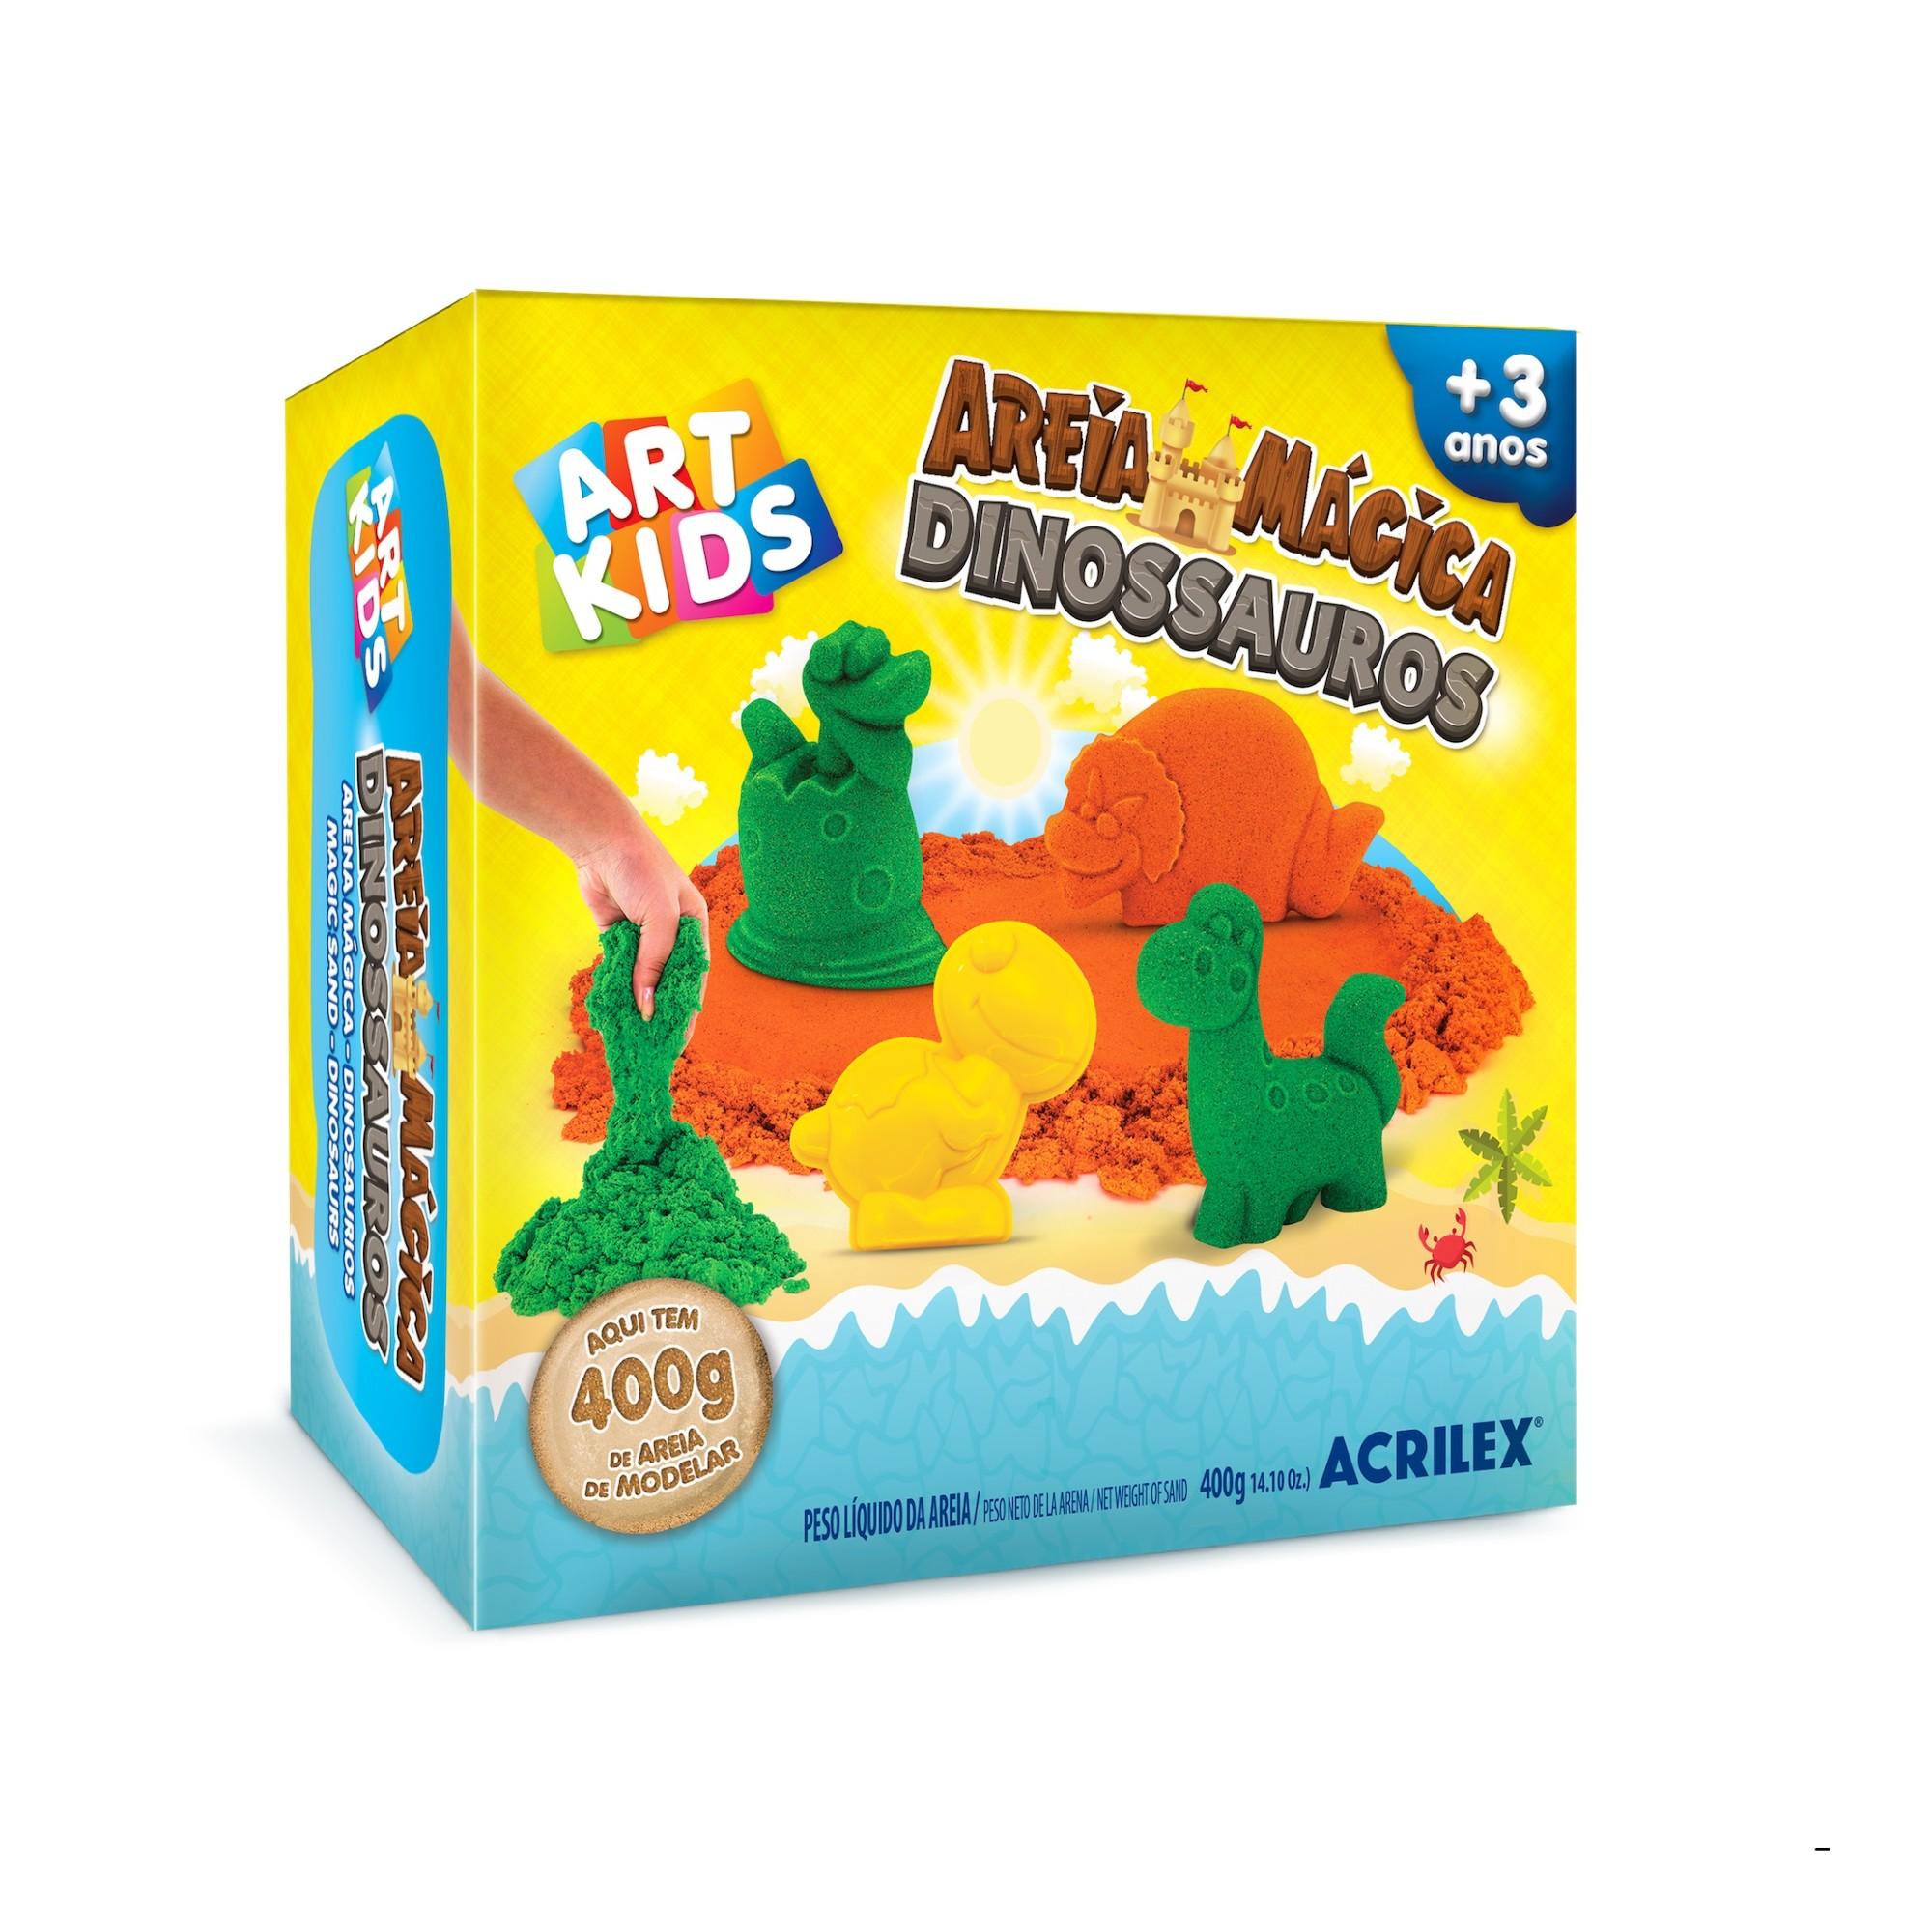 Kit de Areia Magica Dinos 400g - Acrilex